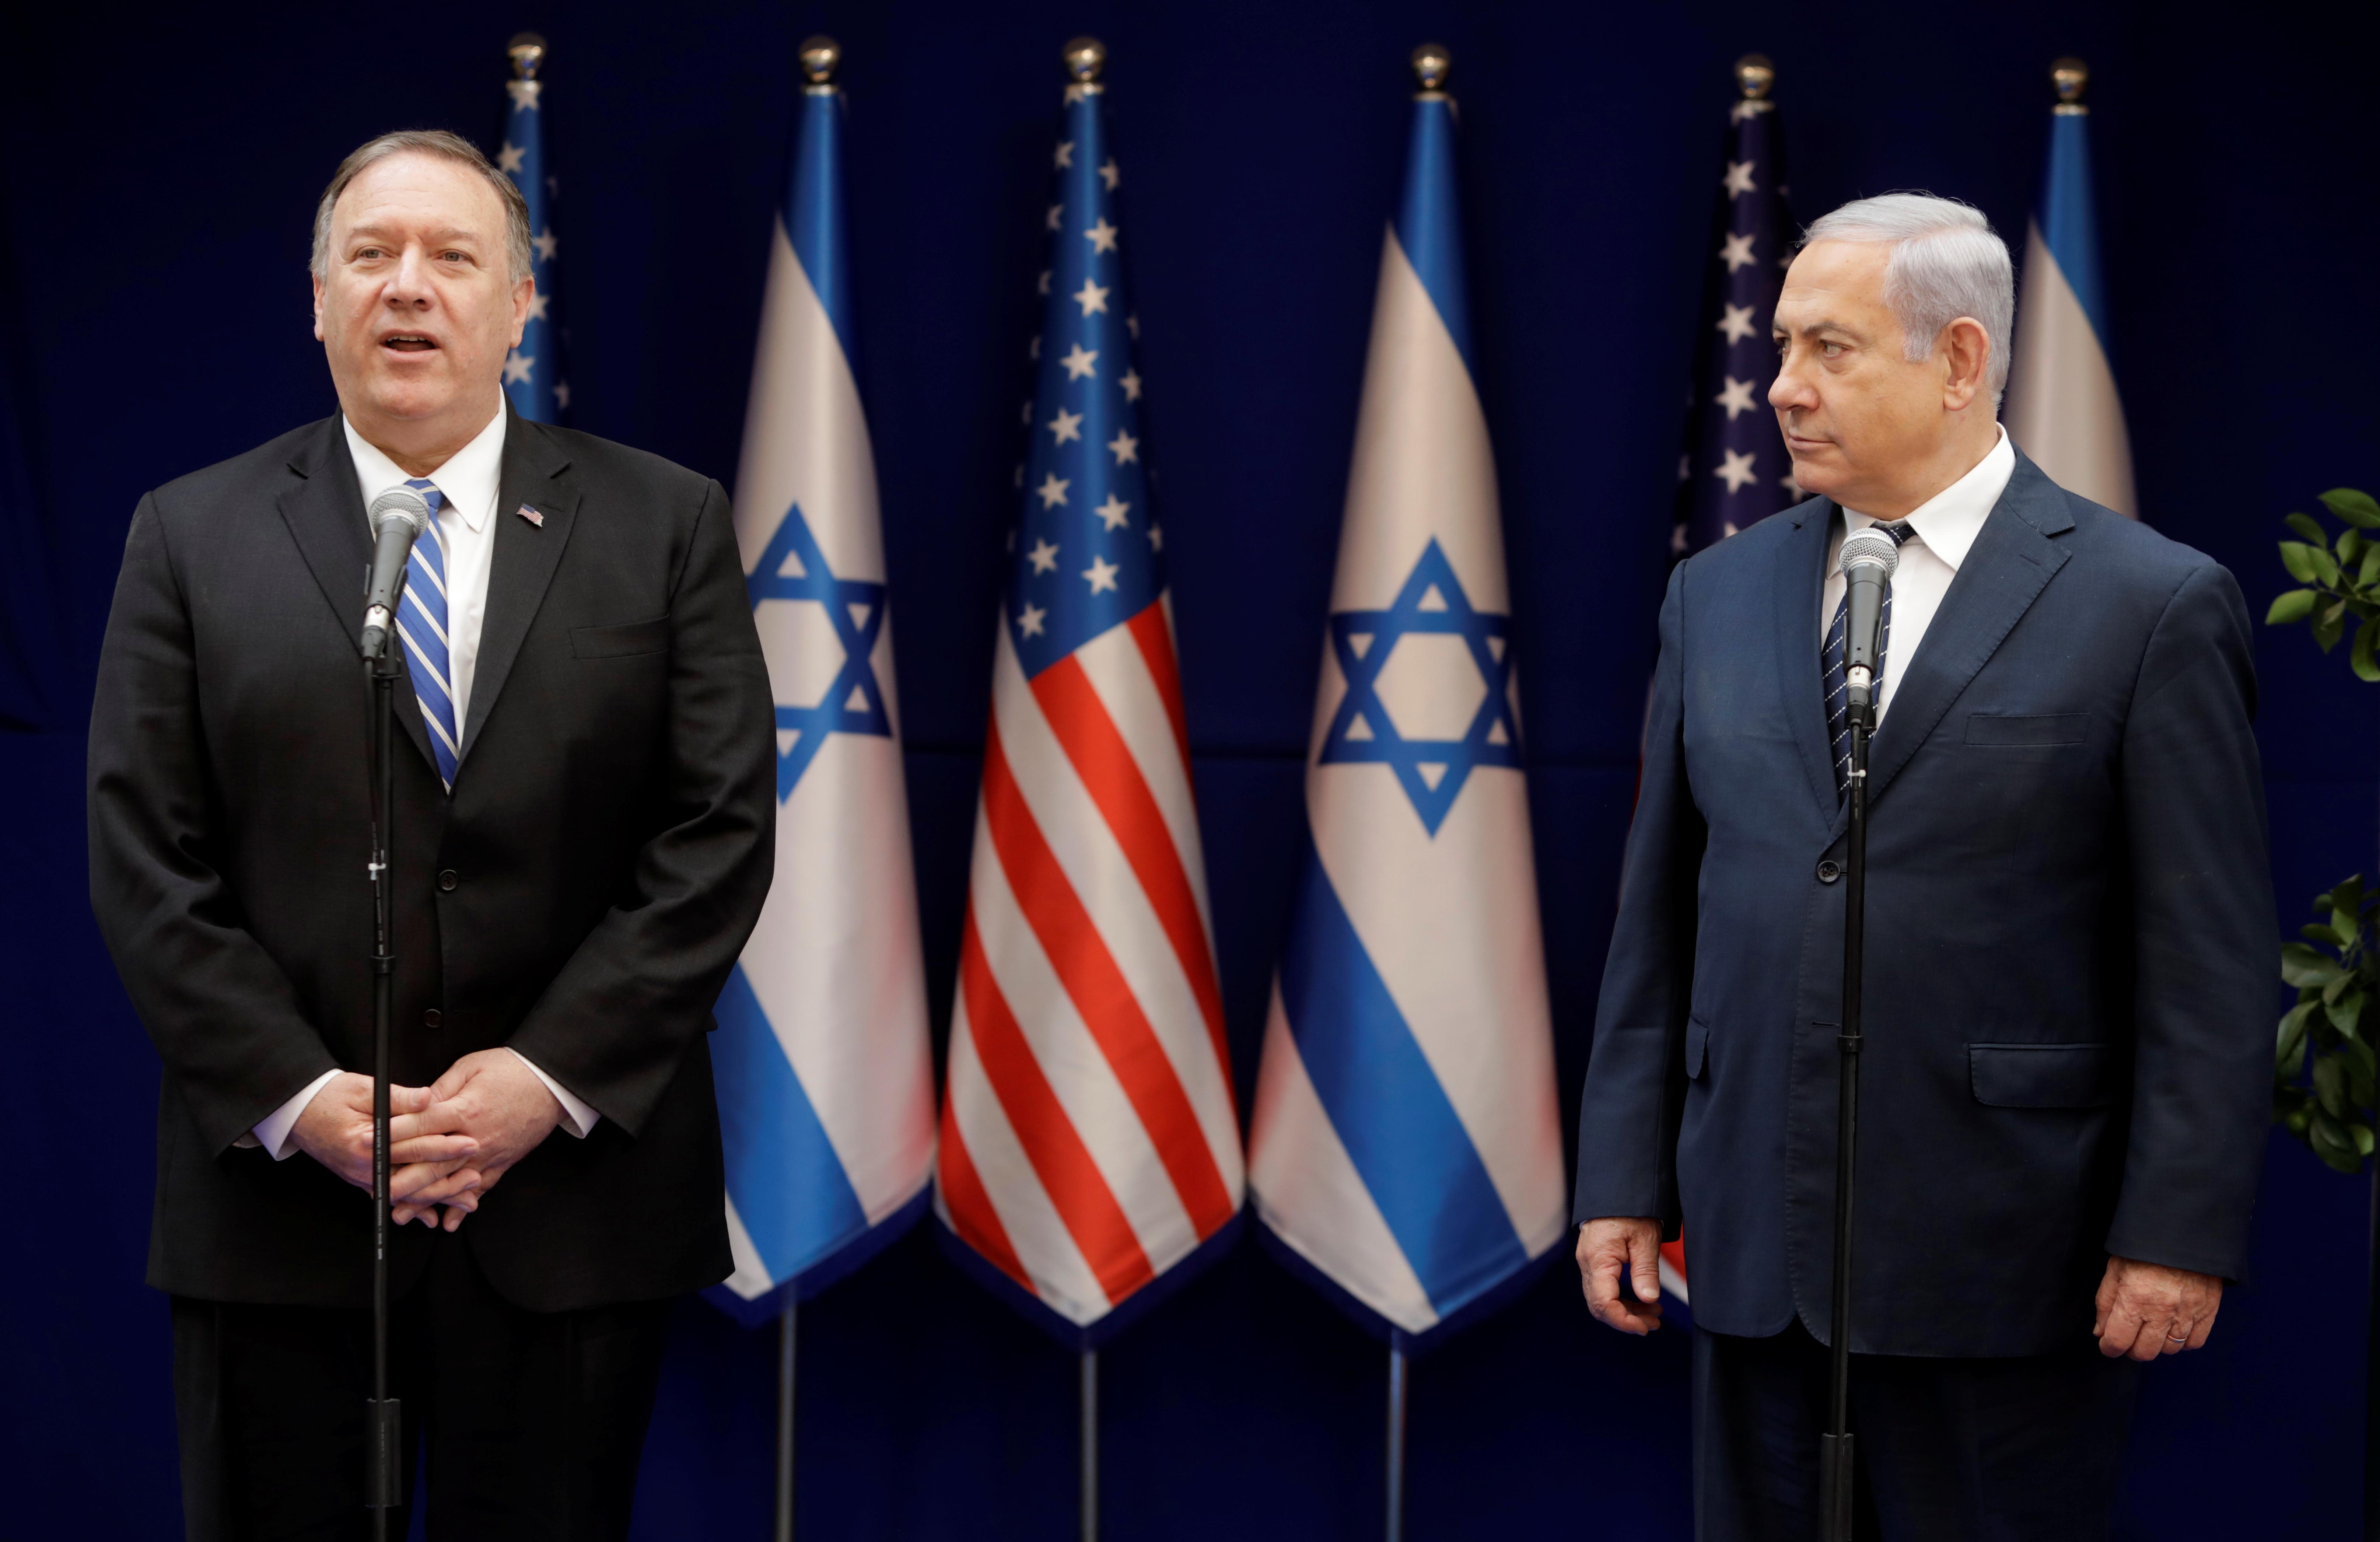 Νετανιάχου: Ιστορικό το σχέδιο του Τραμπ για την Μέση Ανατολή